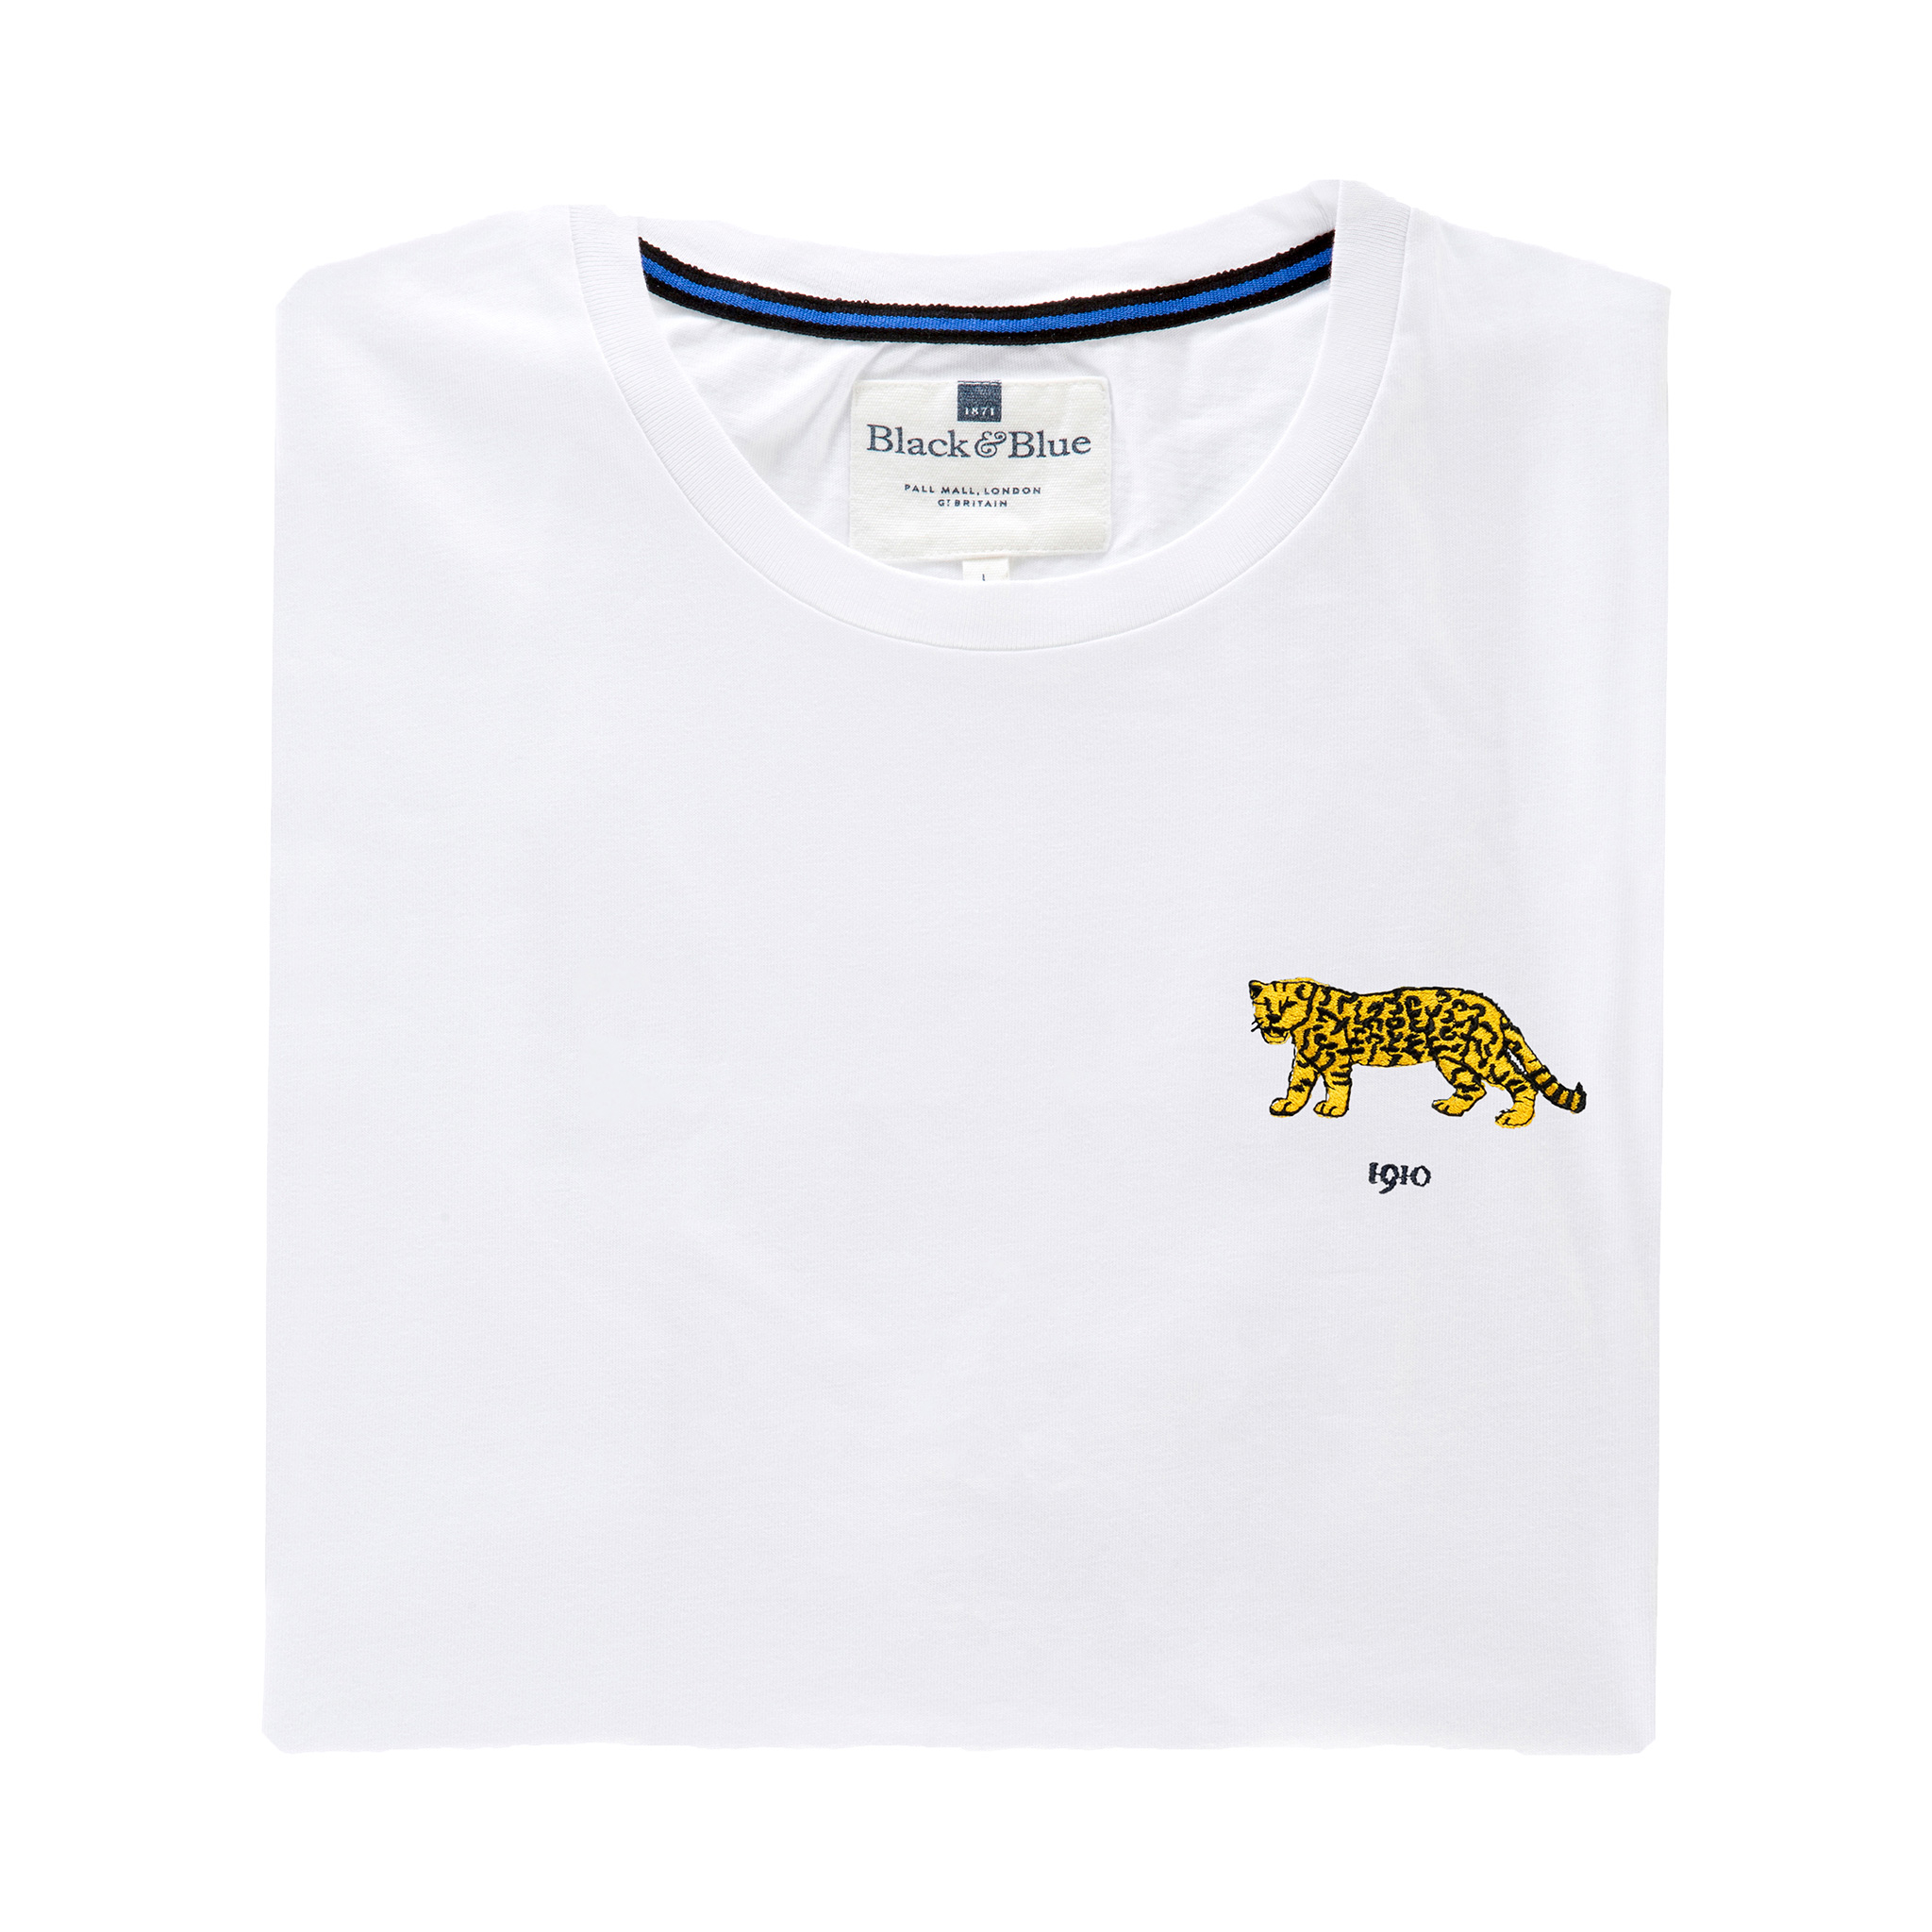 Argentina 1910 White T-Shirt_Folded